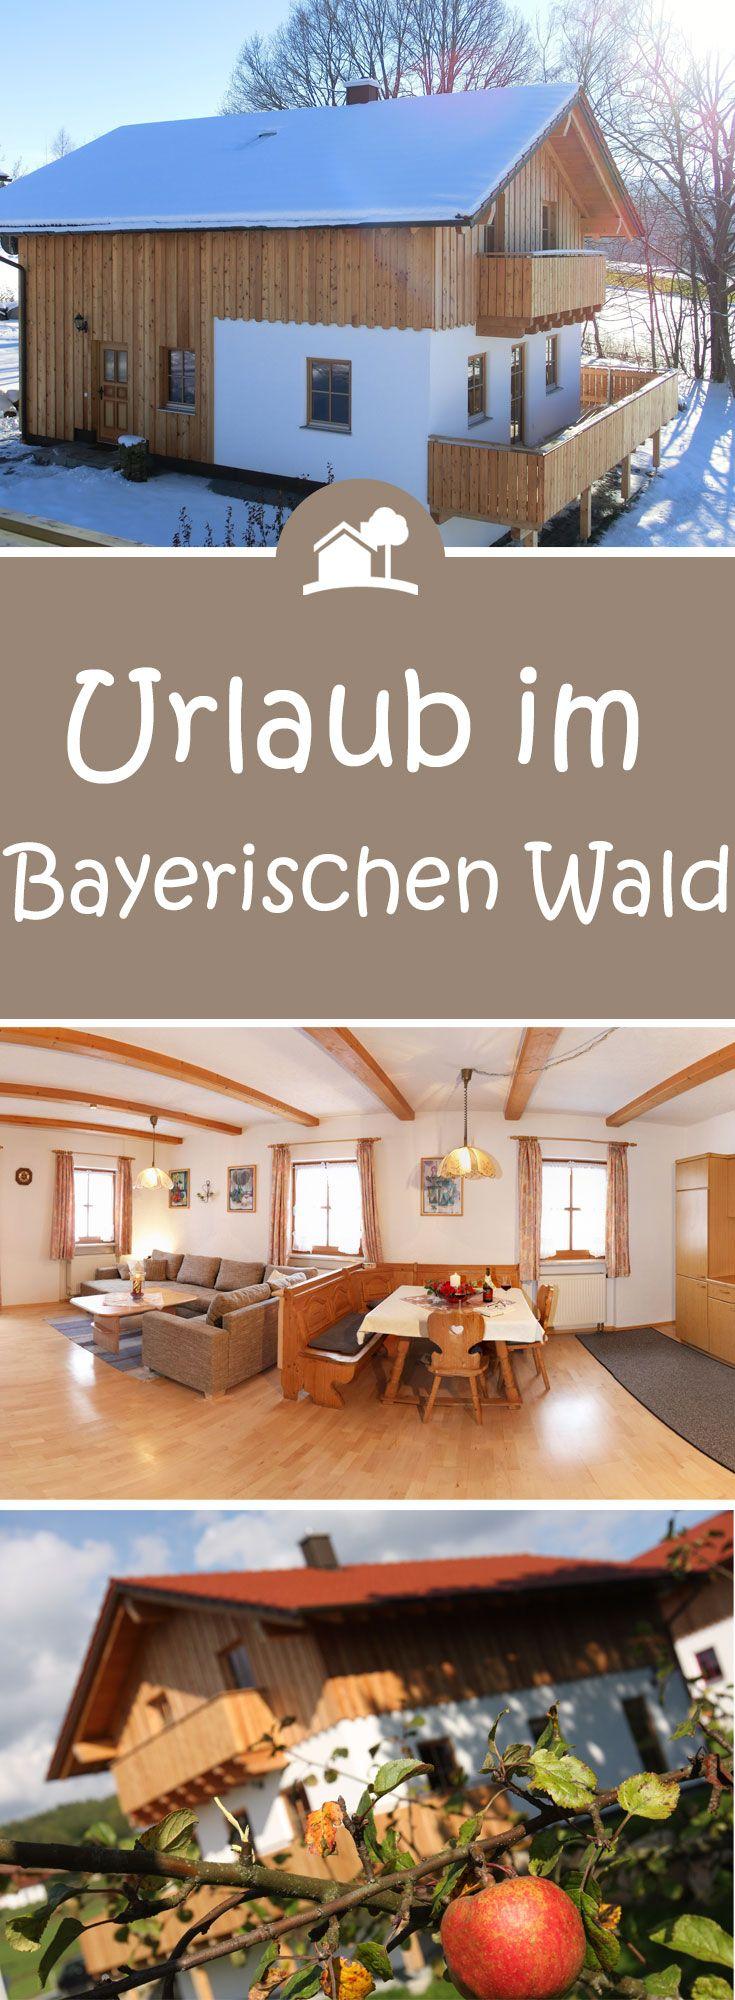 Der voll bewirtschaftete Bauernhof der Familie Kilger liegt idyllisch in ruhiger und sonniger Lage am Ortsrand von Kaikenried Nähe Bodenmais im Bayerischen Wald.   reisetipps   bayern   berge   wandern